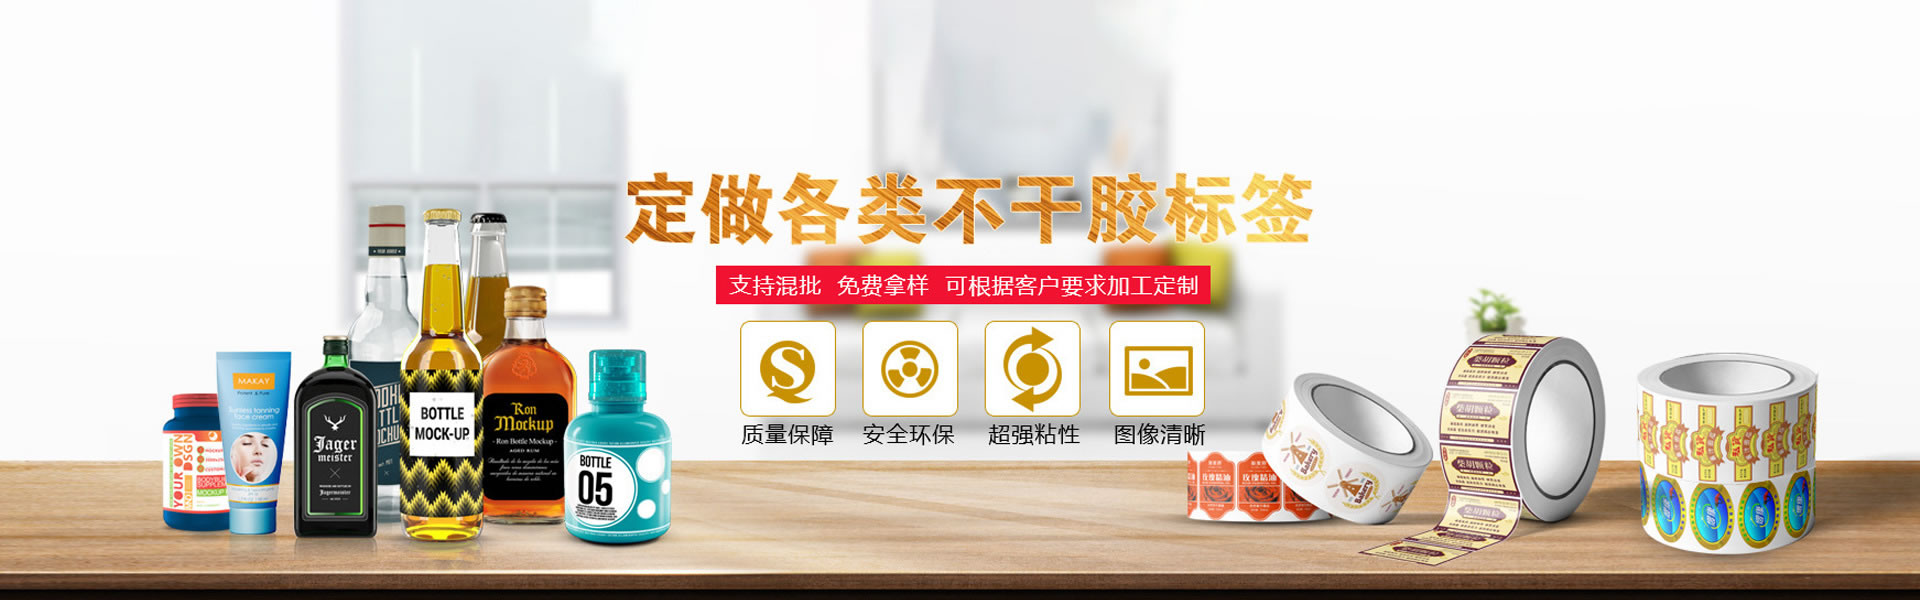 北京快乐8网站-首页_WelcomexFSt_印刷不干胶标签厂家